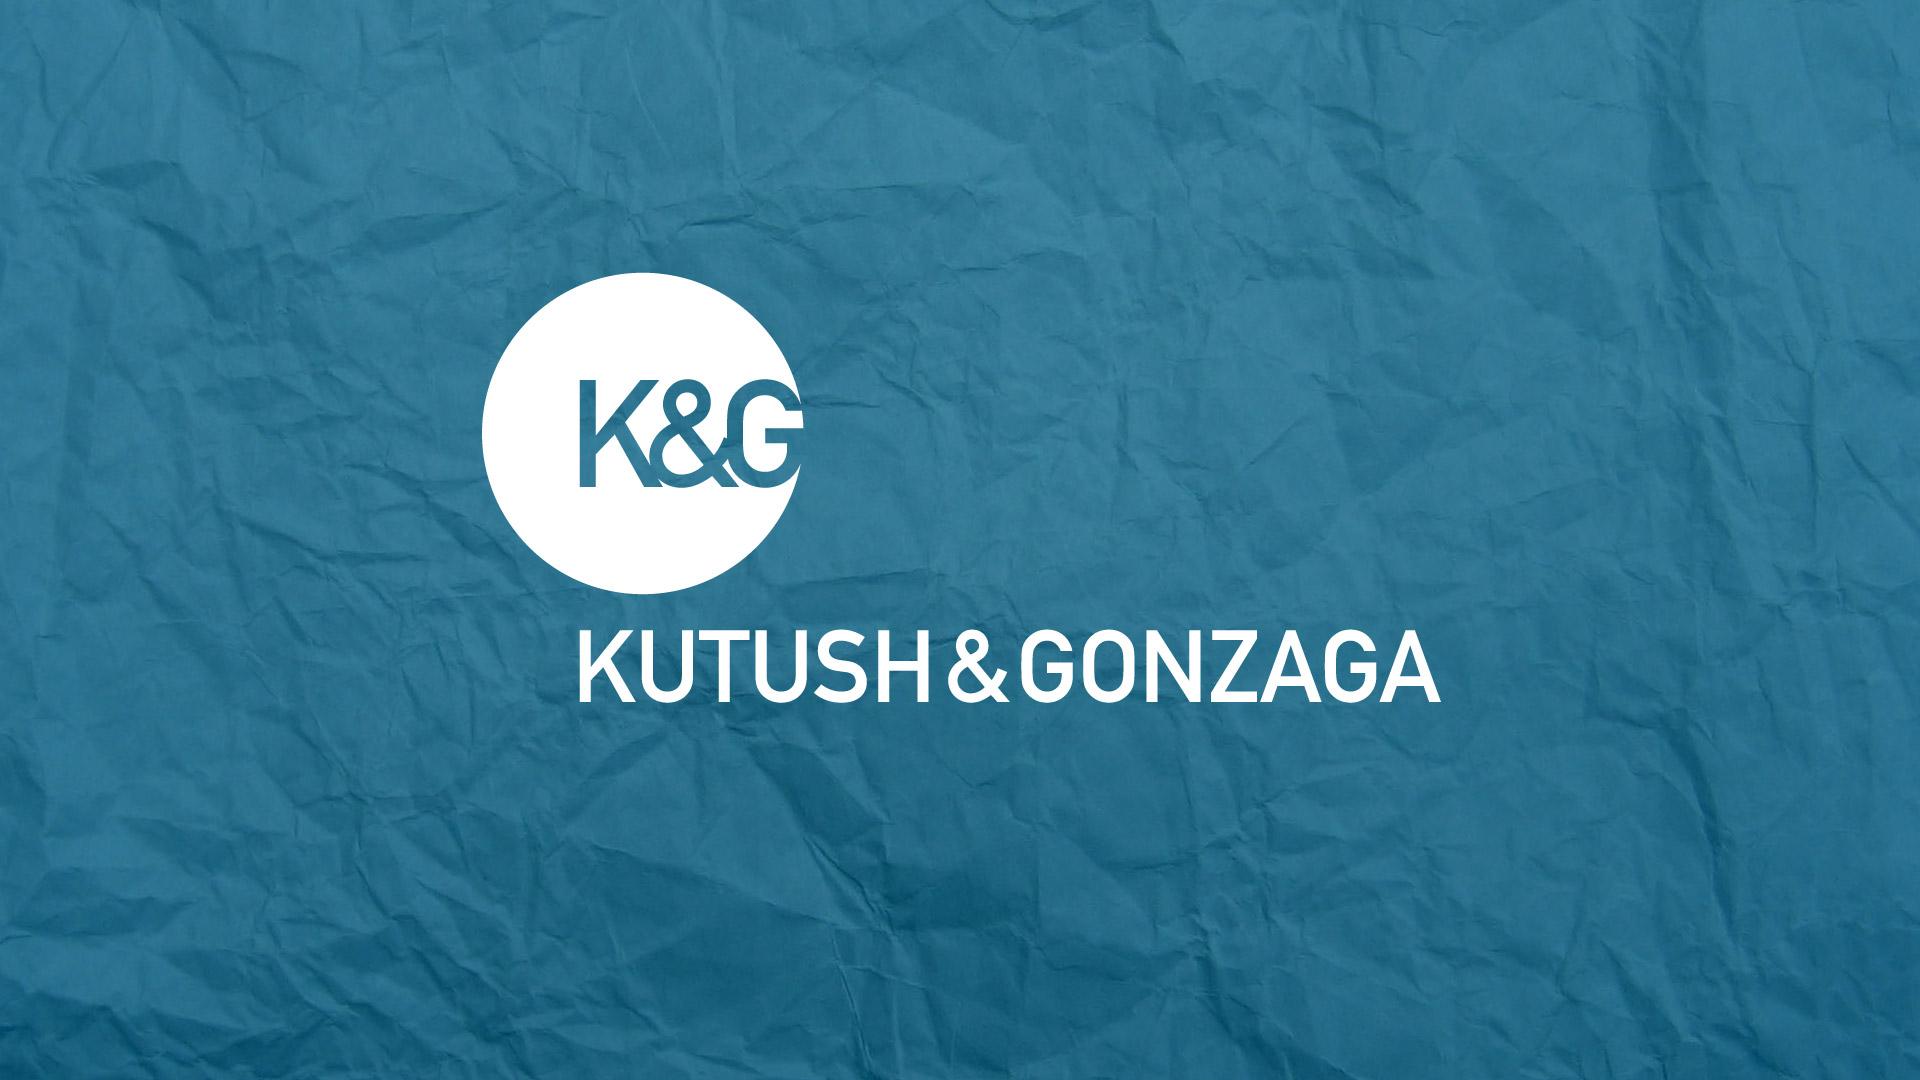 Asgard Branding, corporate identity, K&G, logo, Kutush & Gonzaga, design, store branding, online store, retaile